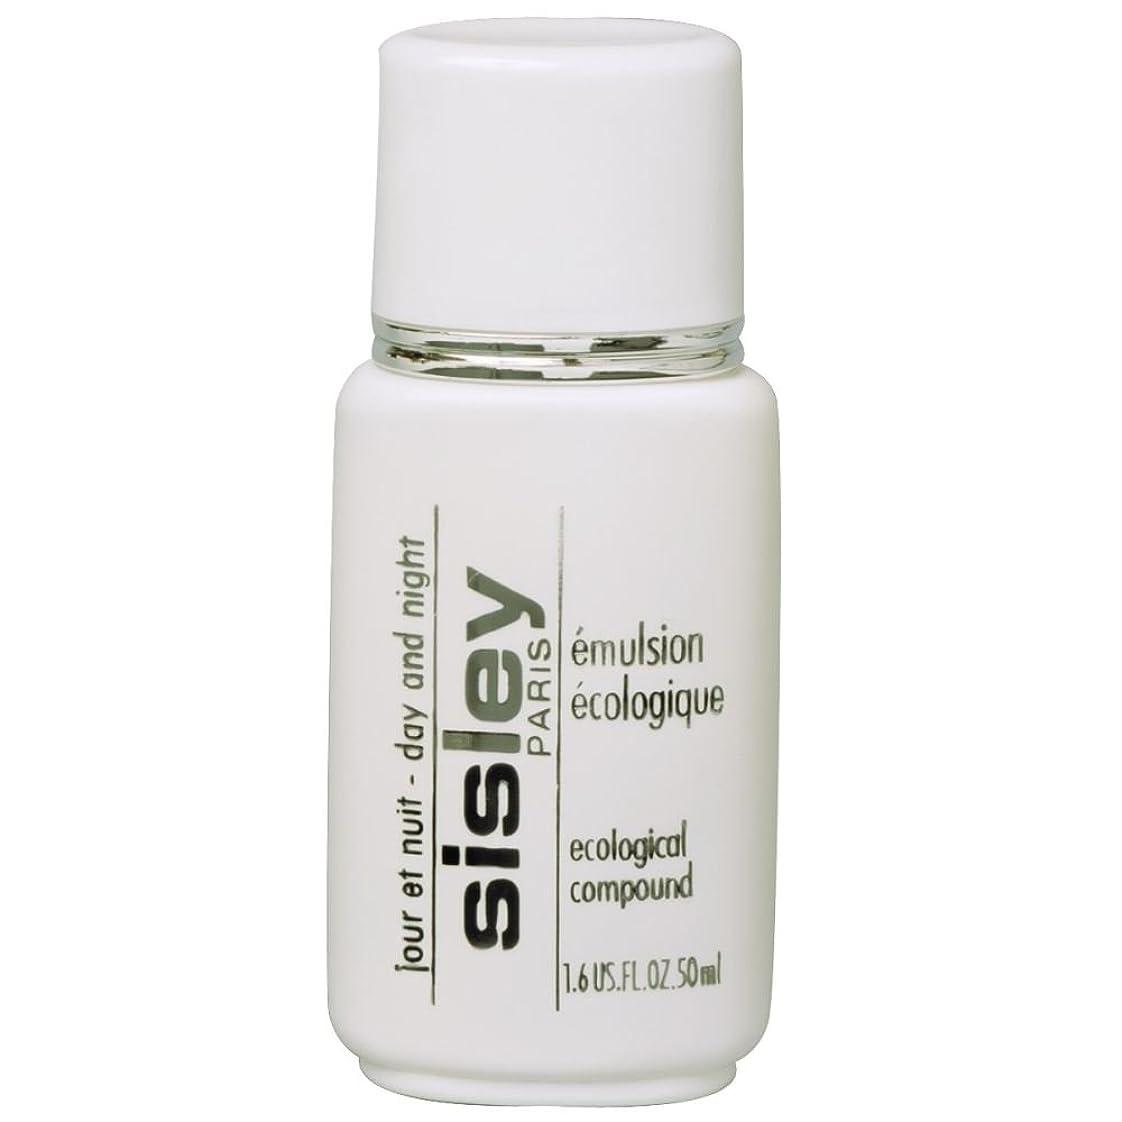 スローサワークライマックス[Sisley] シスレーエコロジカルな化合物、50ミリリットル - Sisley Ecological Compound, 50ml [並行輸入品]